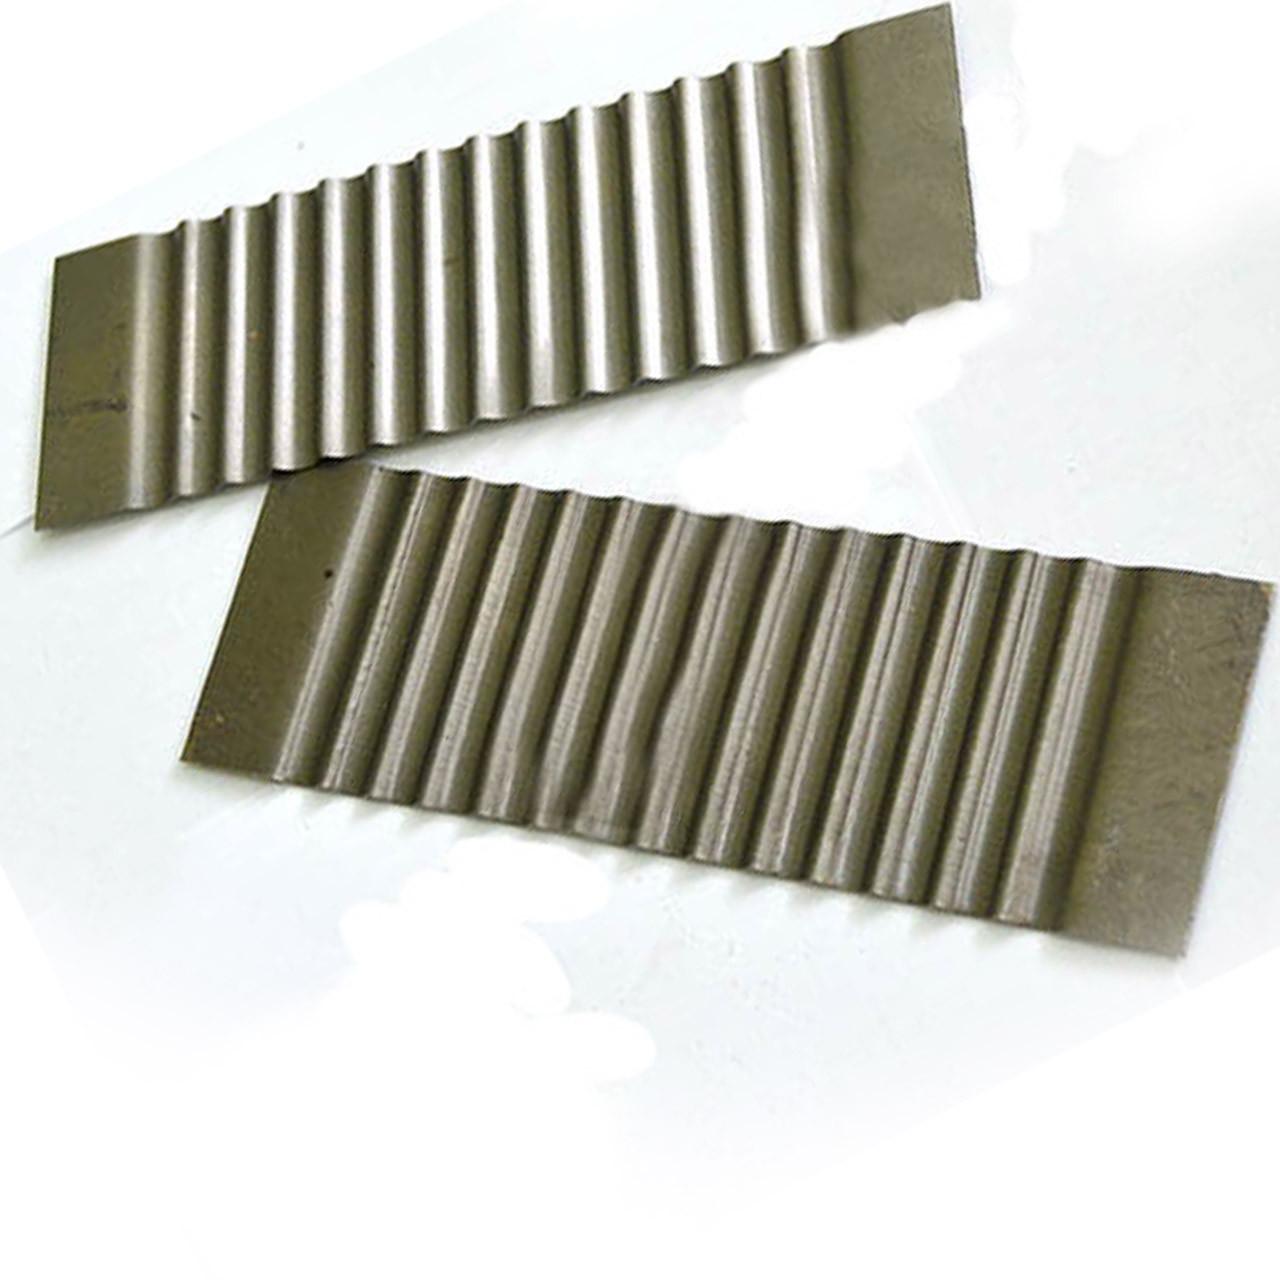 Відбійники на дертемолку Лан 1, 2 (запчастини для крупорушки Лан))